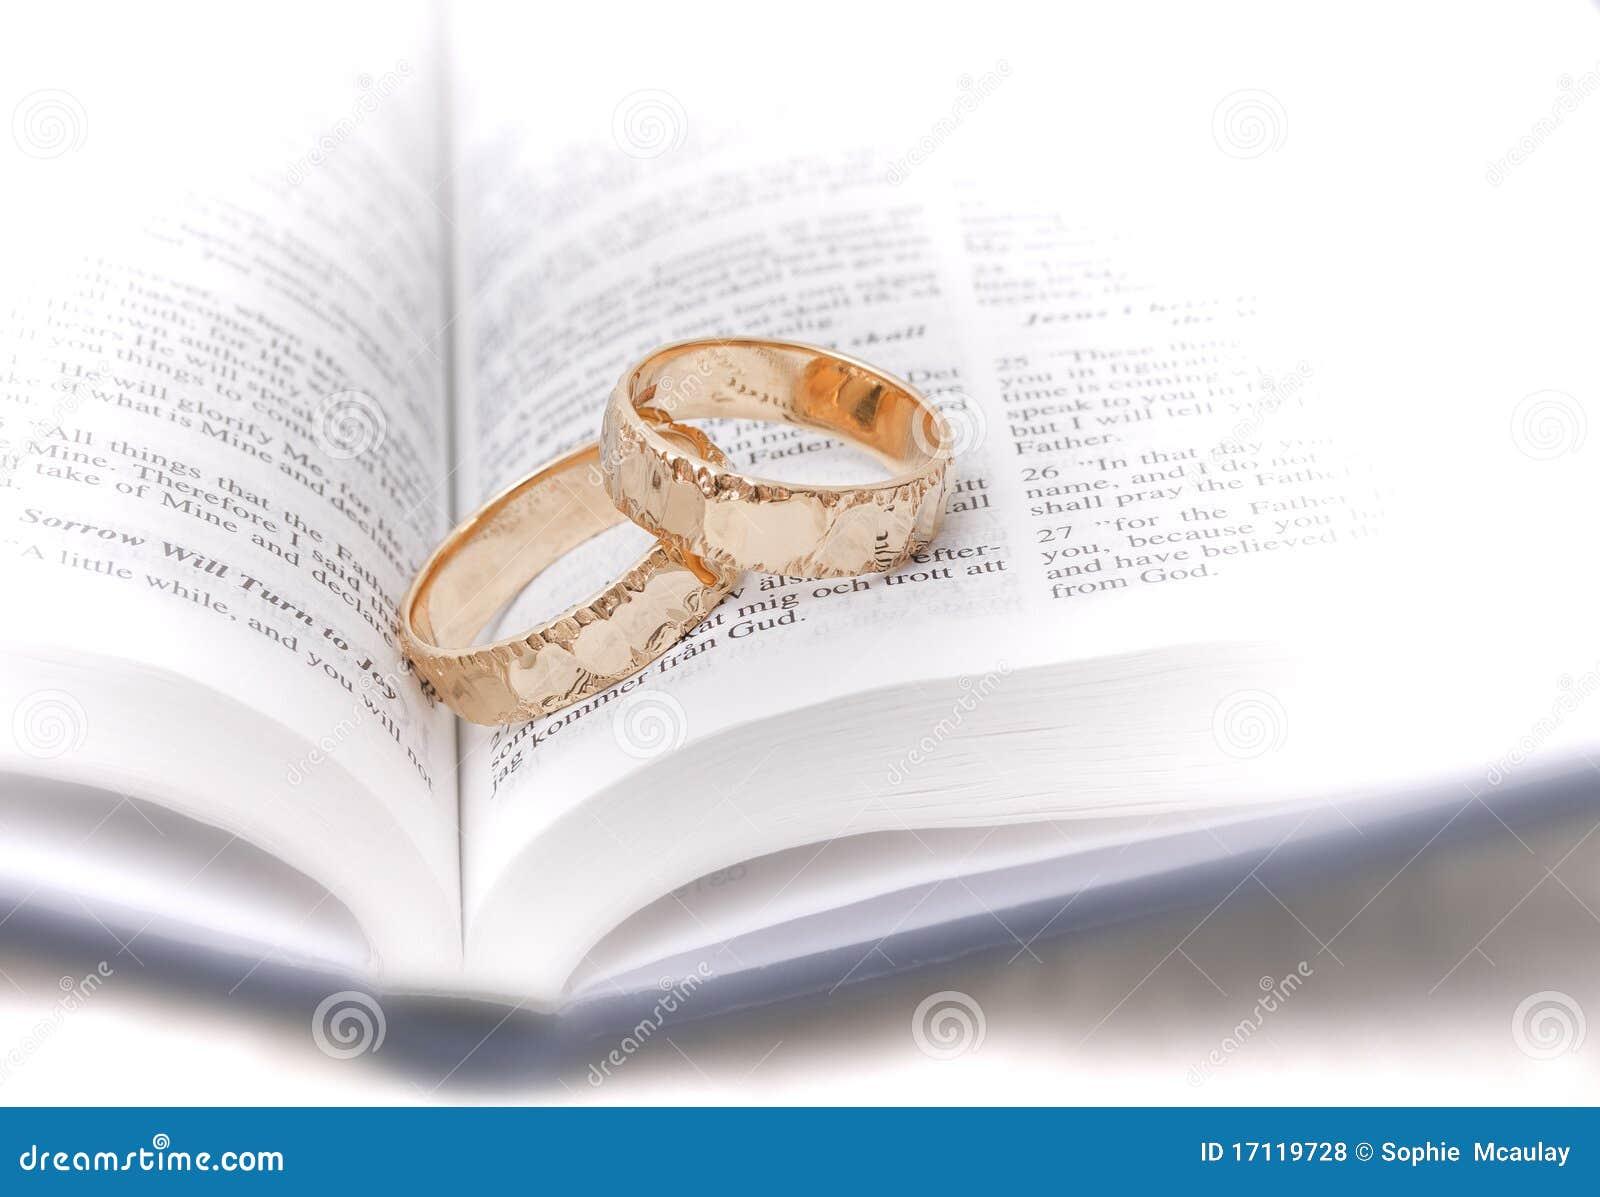 Matrimonio De Acuerdo Ala Biblia : Anillos de bodas en la biblia foto archivo imagen